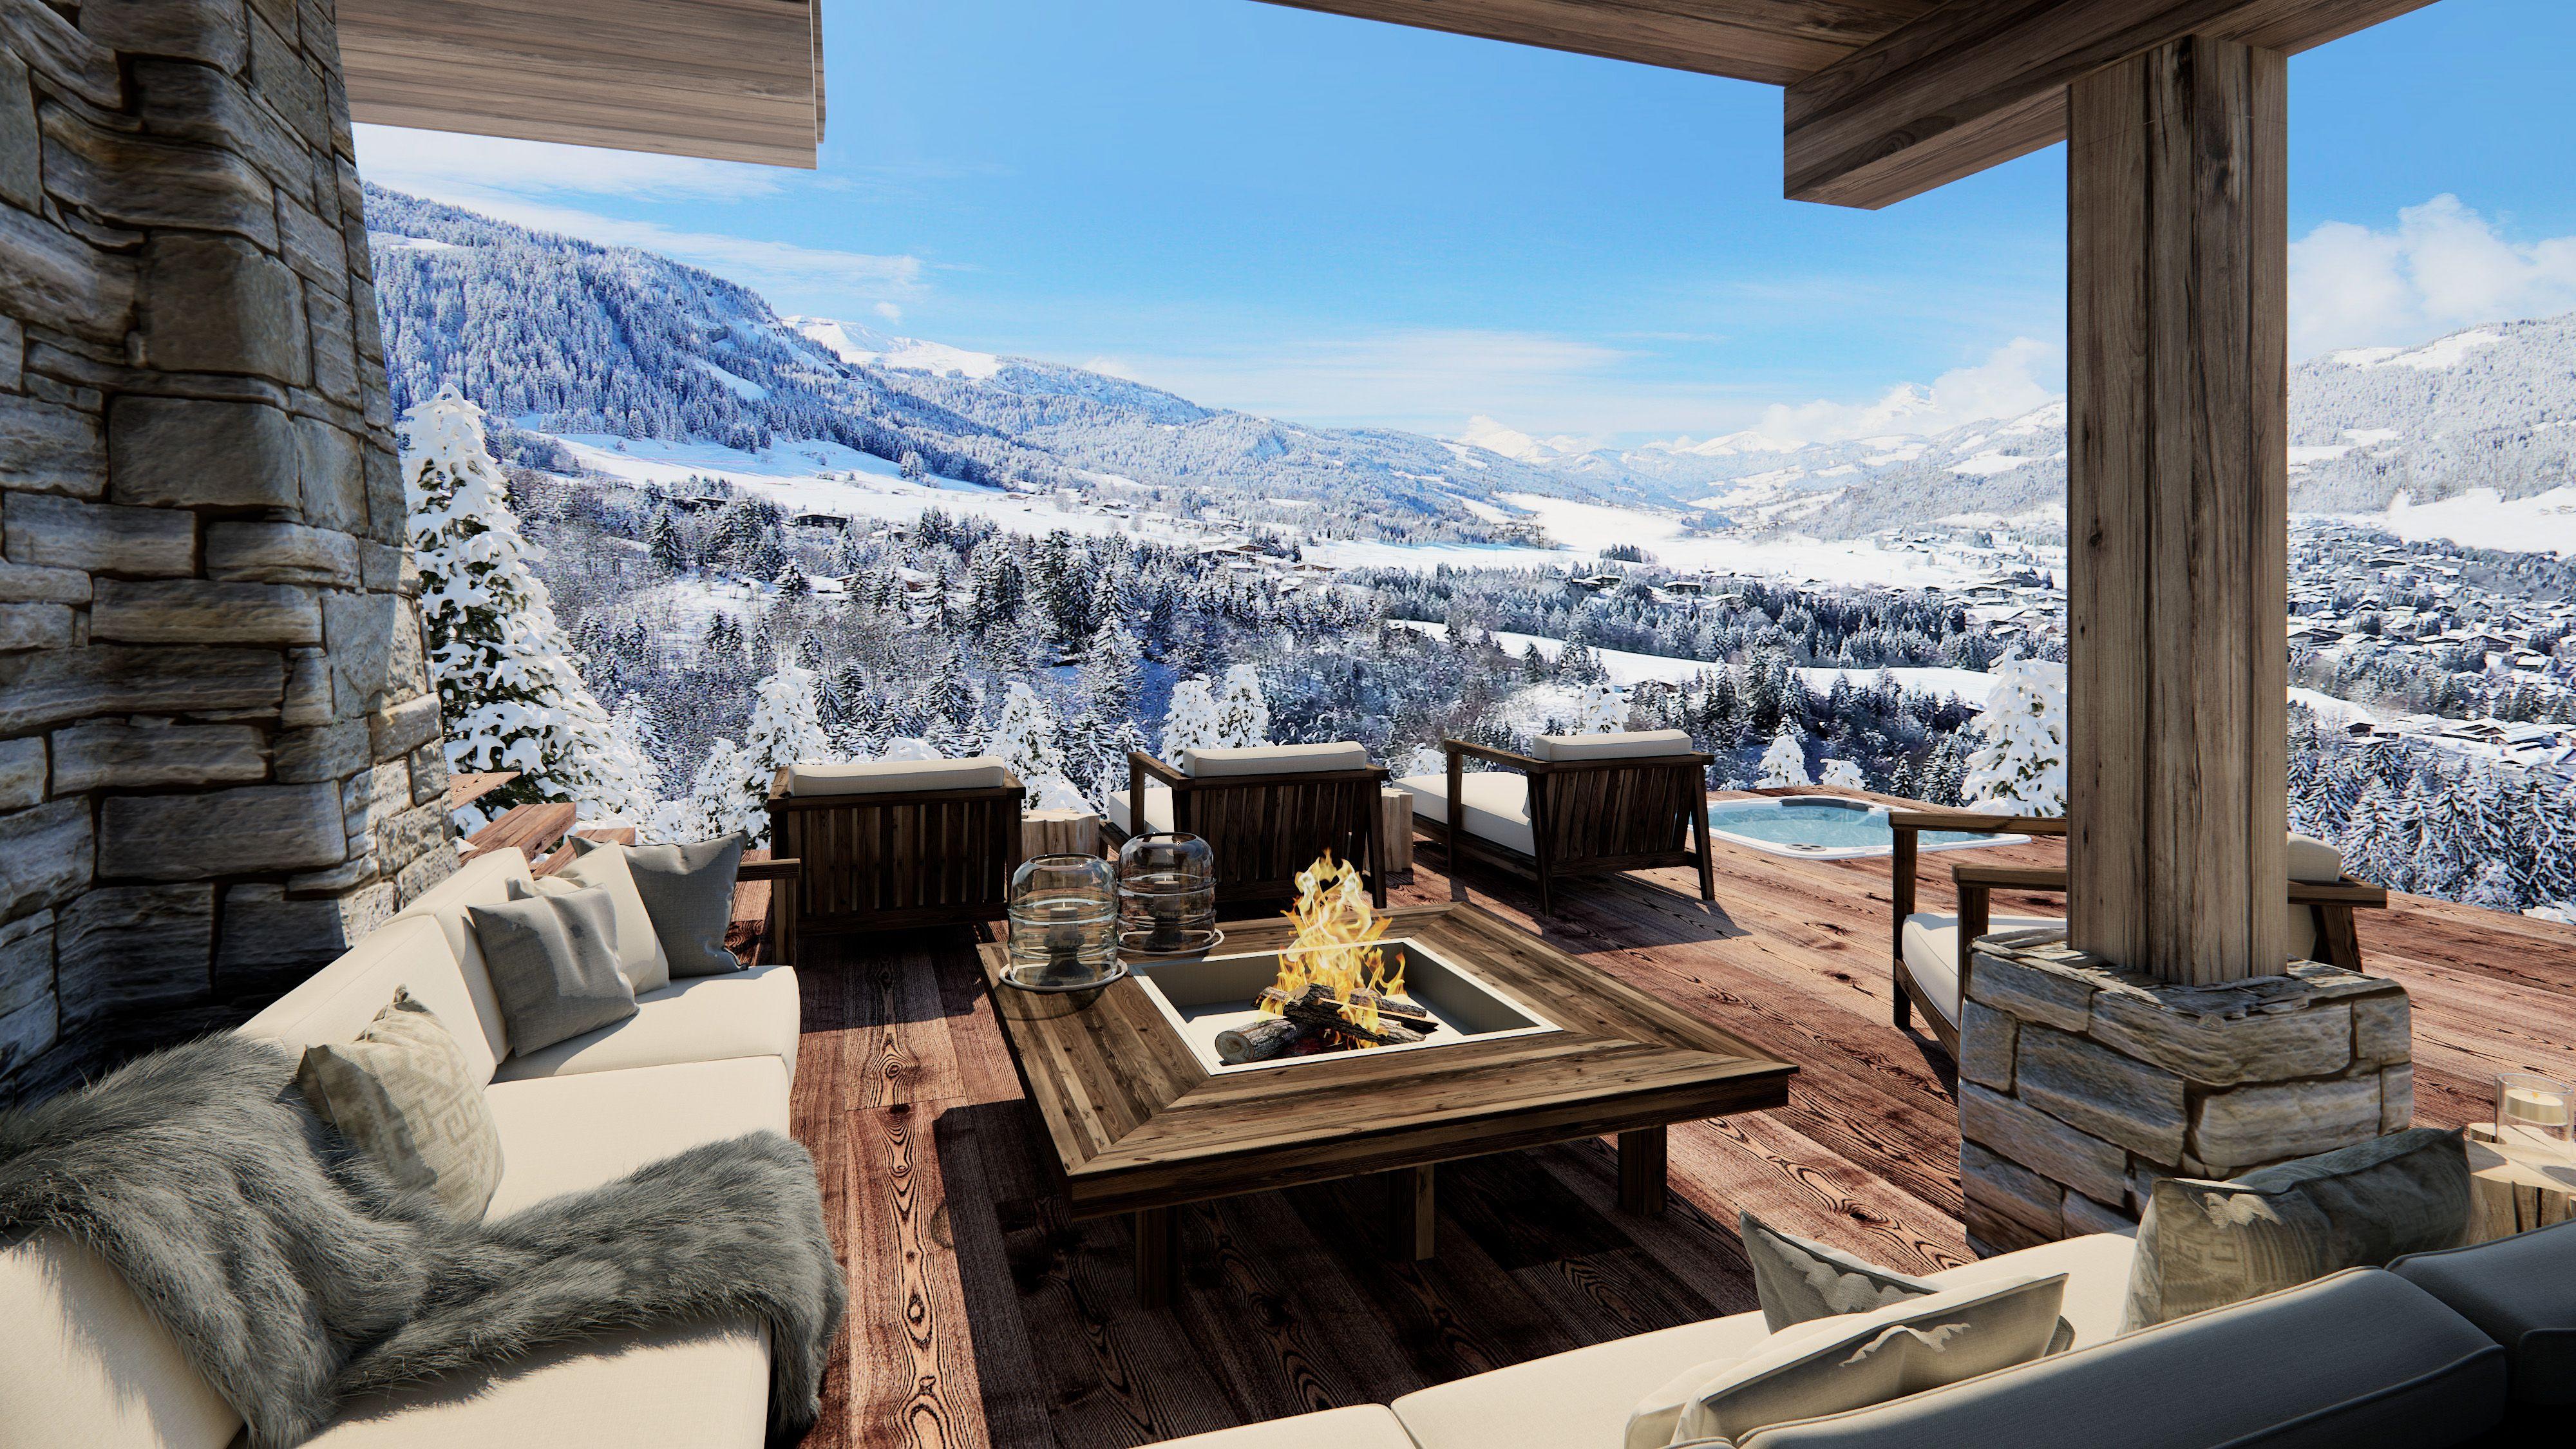 projet immobilier megeve construction de luxe chalet sur piste luxury chalet in megeve